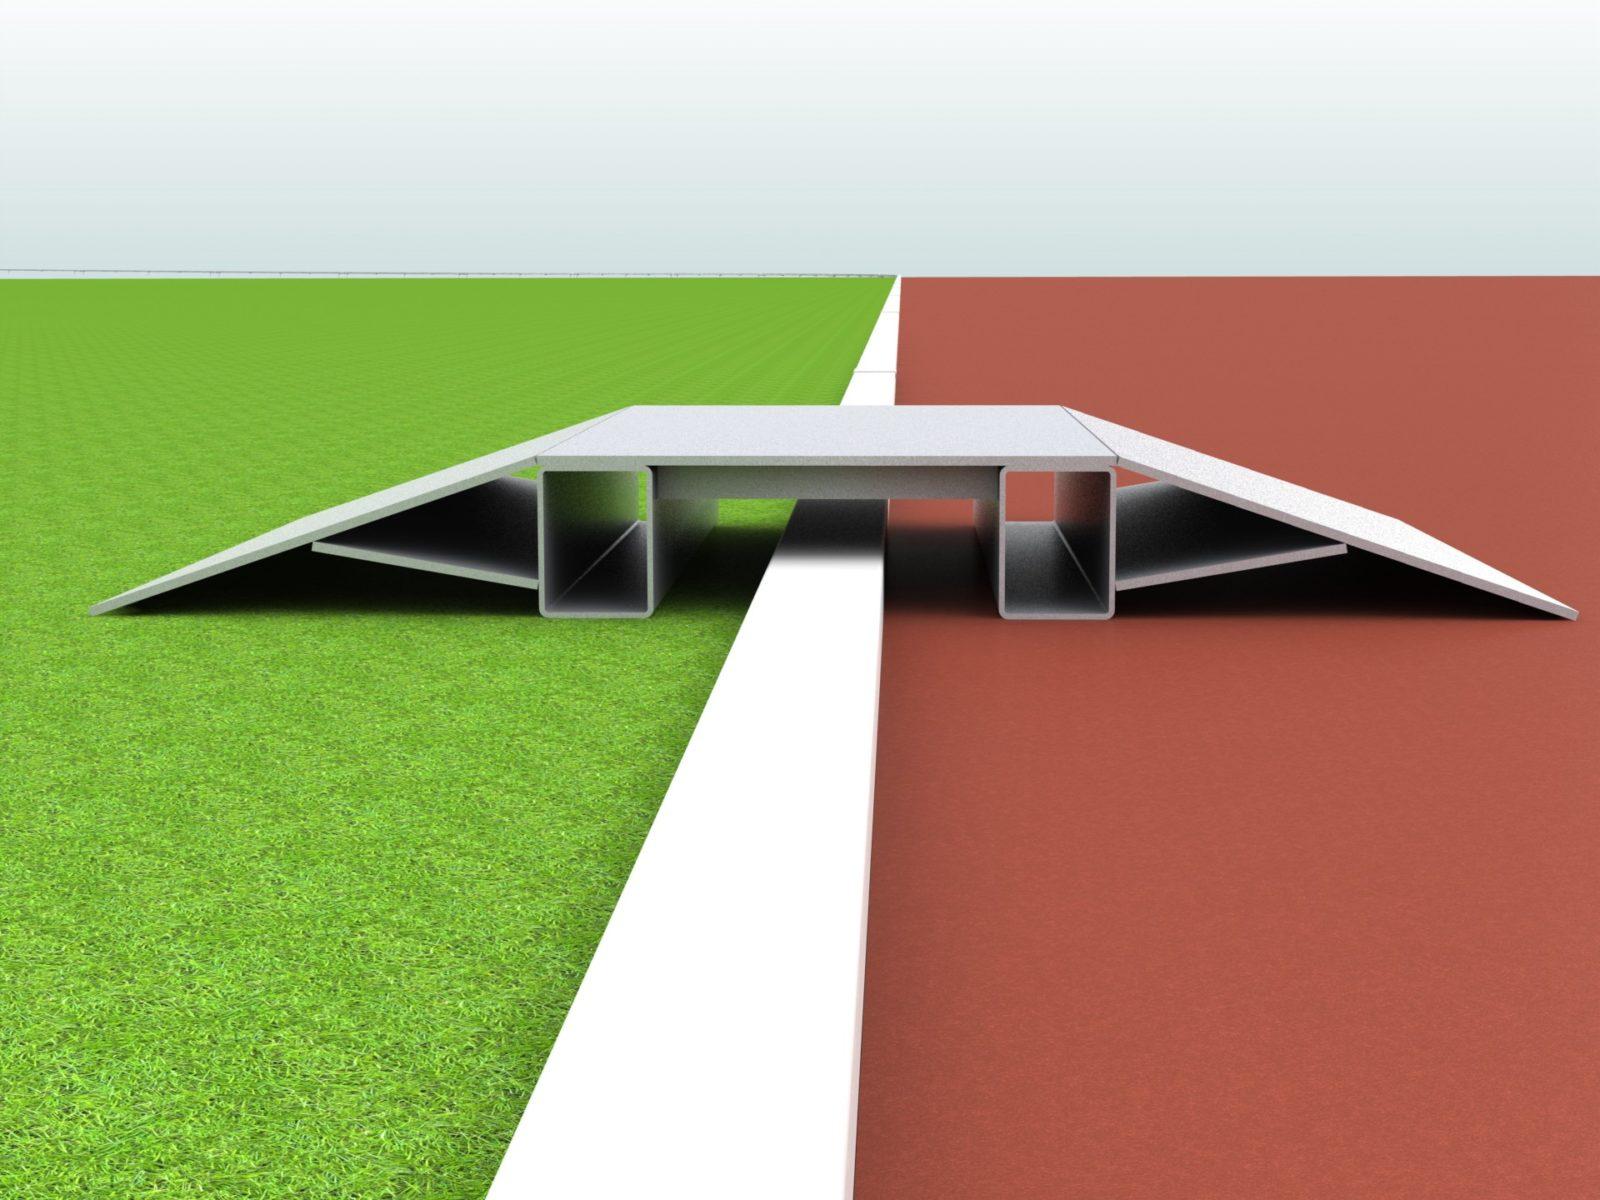 Überfahrrampe aus Aluminium für Stadion und Sportplatz artec Sportgeräte